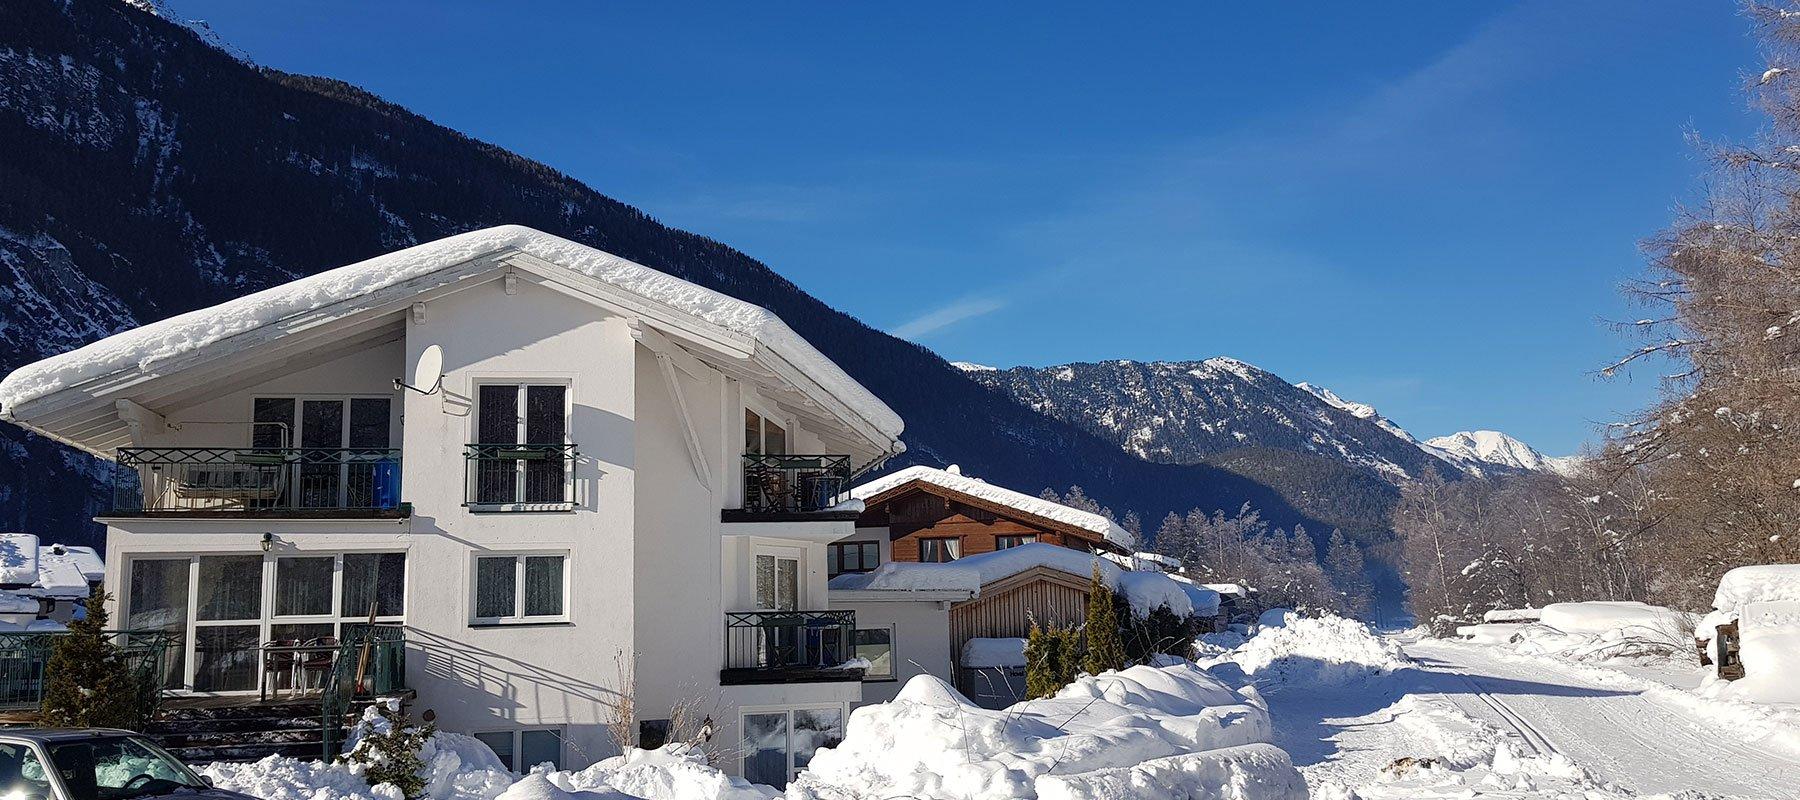 Haus Alpenflora im Winter